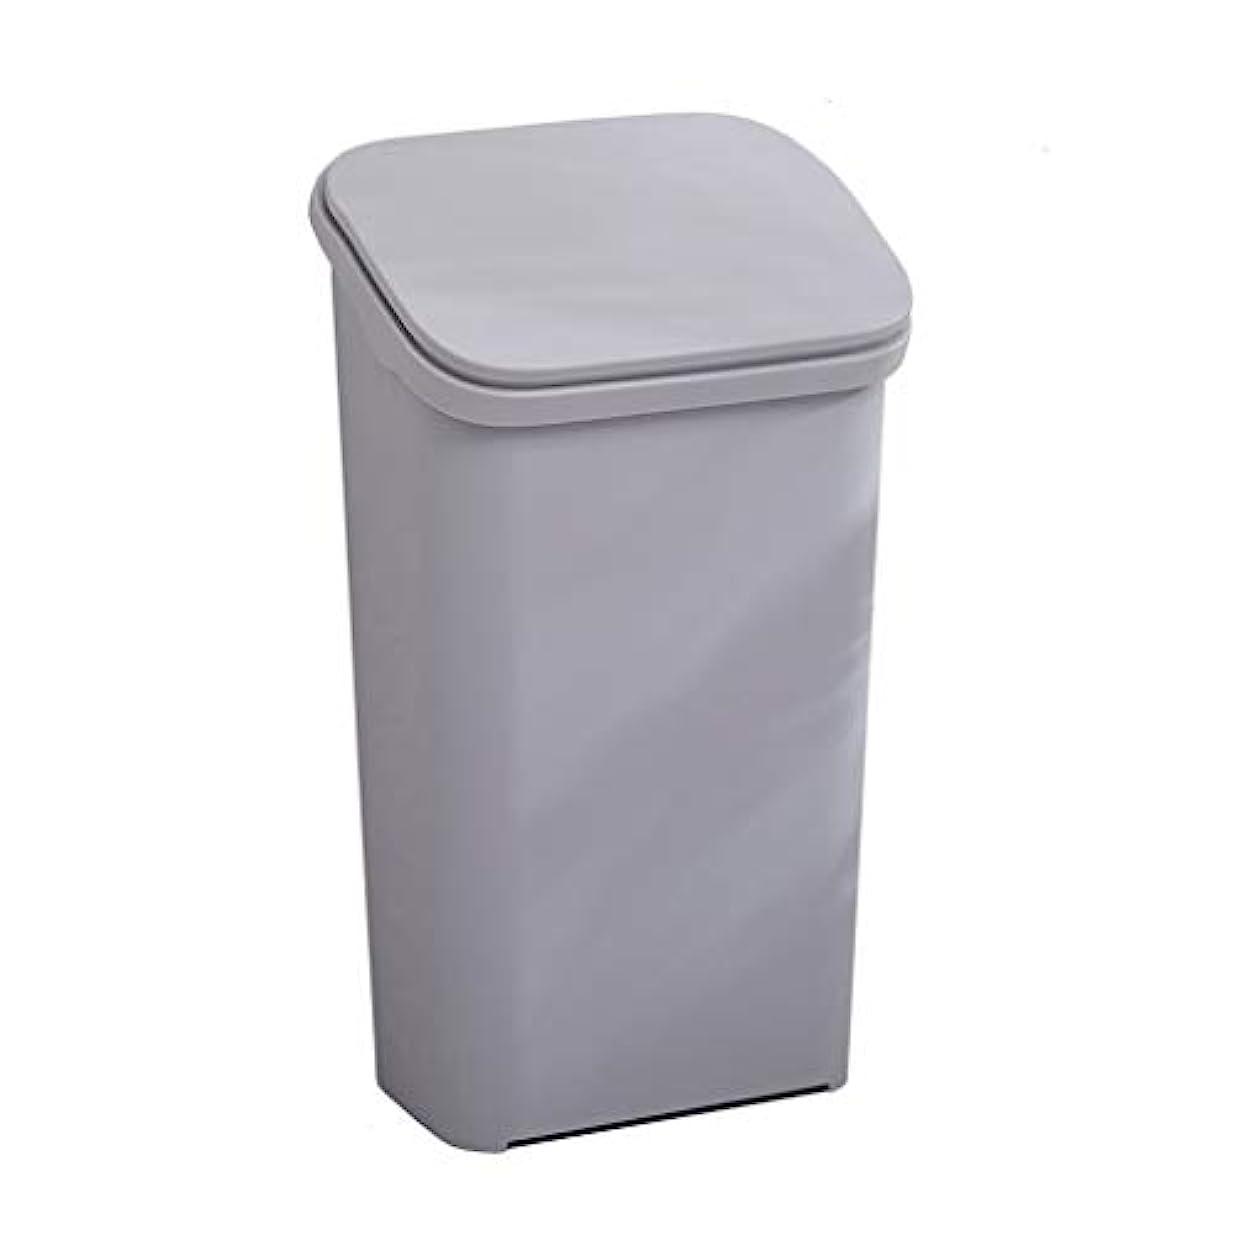 周波数に付ける退屈IUYWLごみ箱 プラスチック弾丸タイプのゴミ箱は、蓋付きリサイクルボックス30×23.5×54×45×15.5×25cmの家庭用キッチンリビングルームのオフィスにすることができます。 IUYWLごみ箱 (Color :...